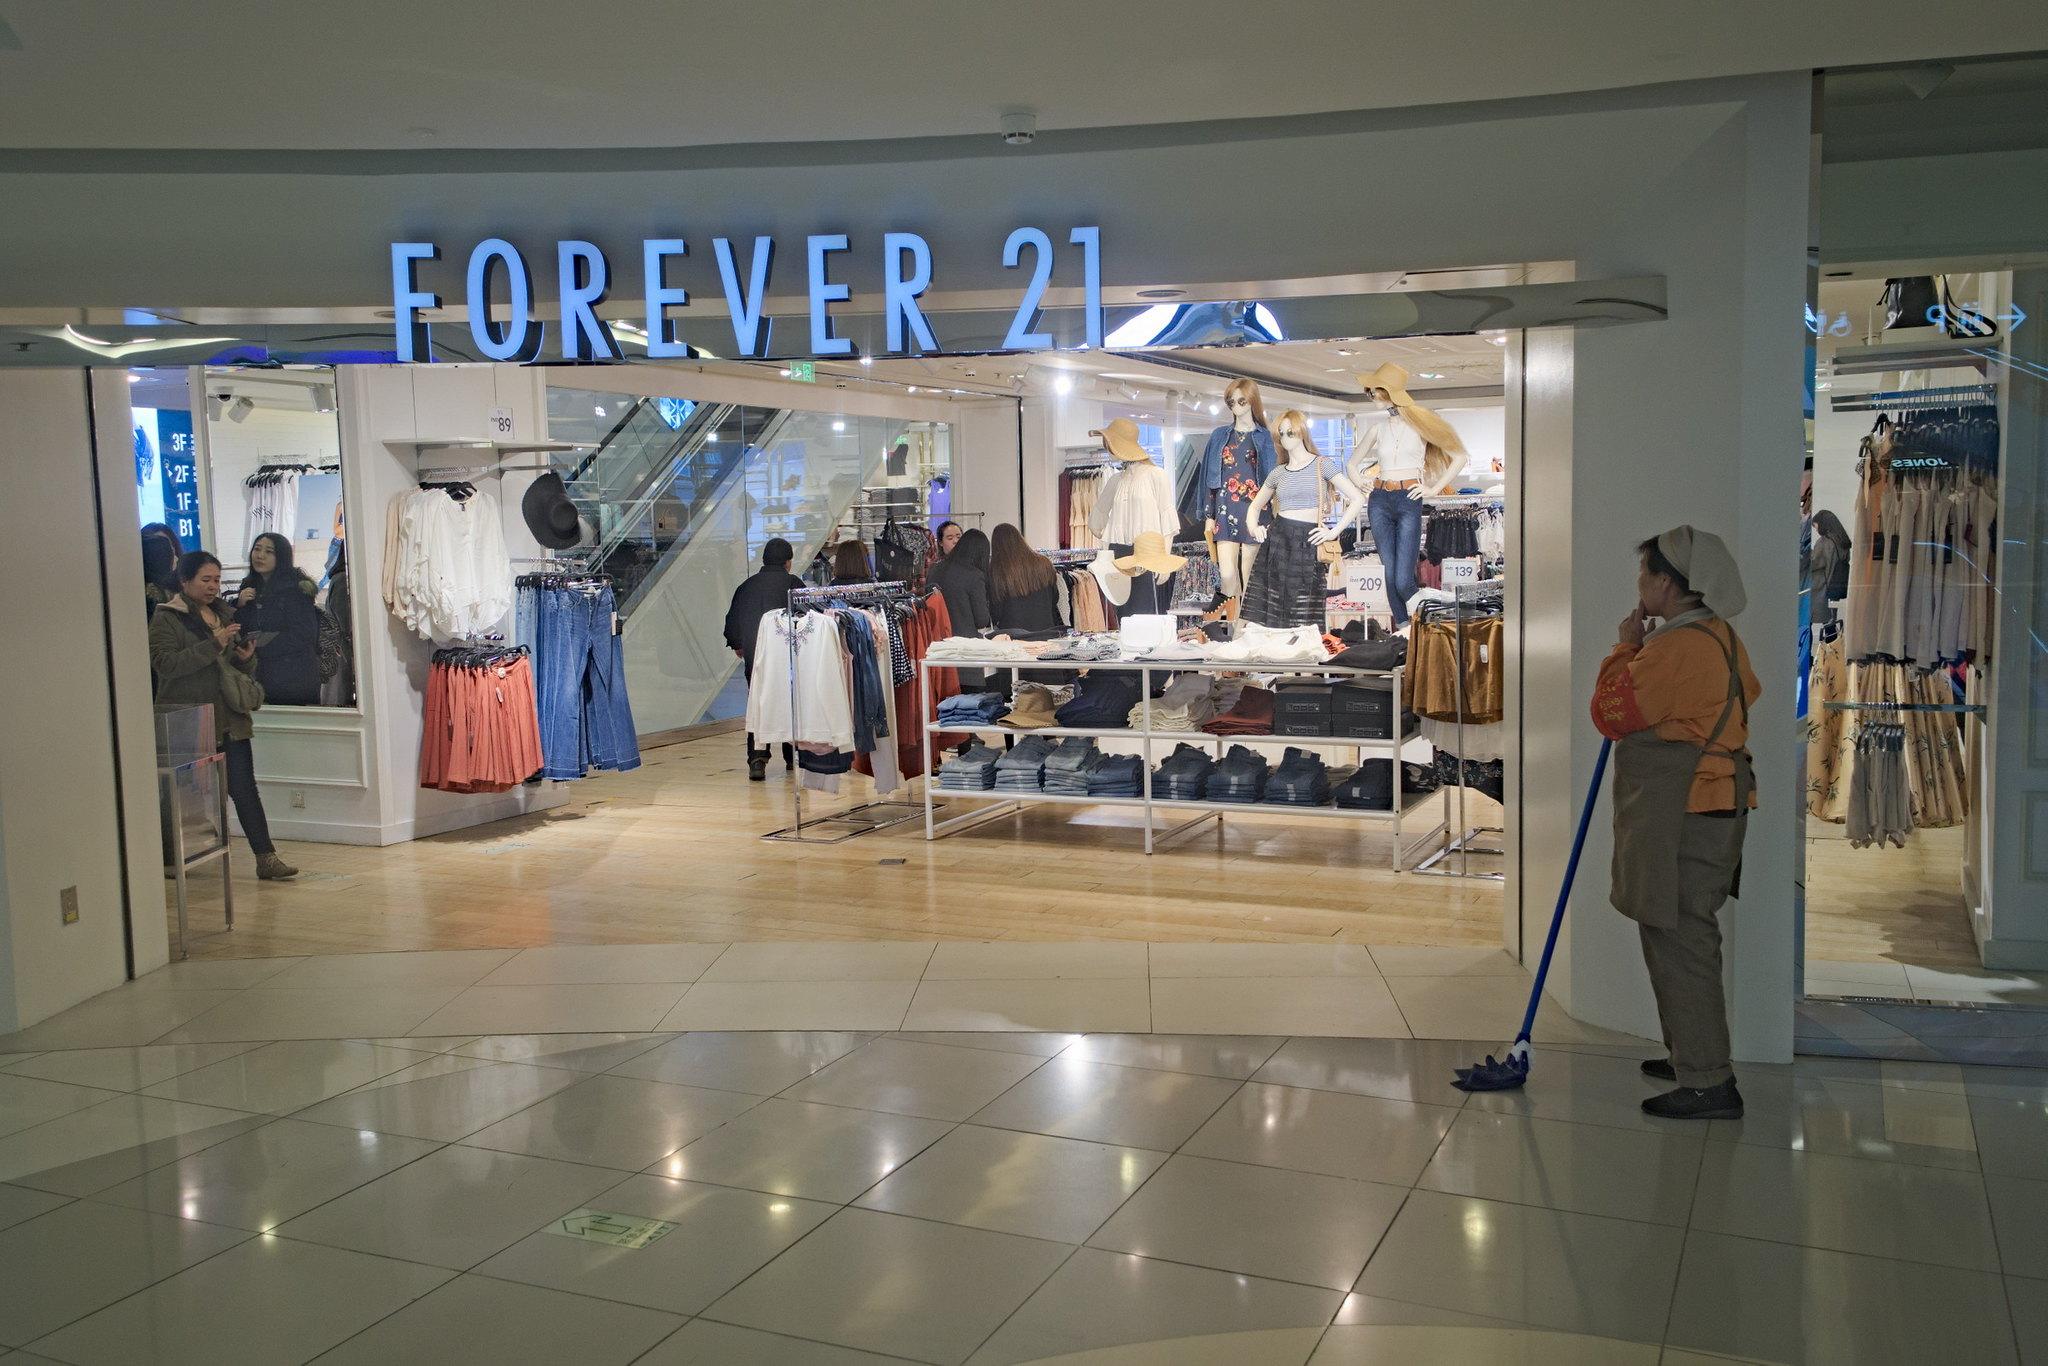 WangfuJing Mall - forever 21